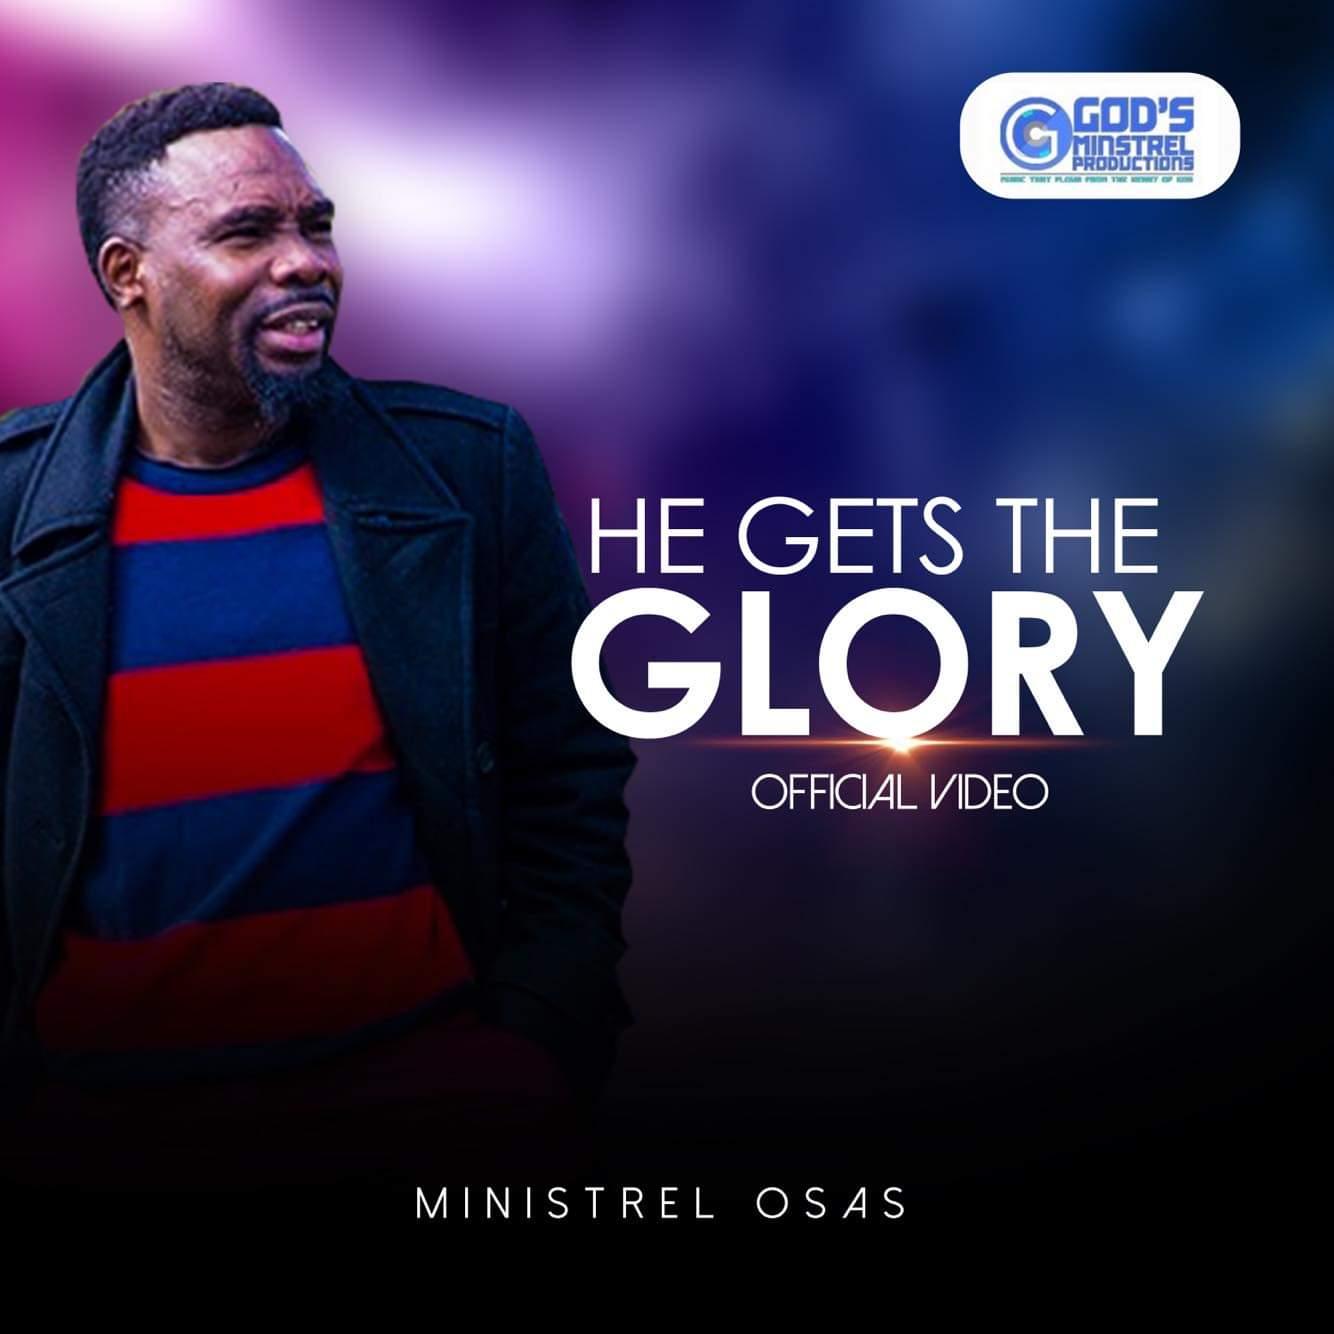 He Get The Glory - Minstrel Osas